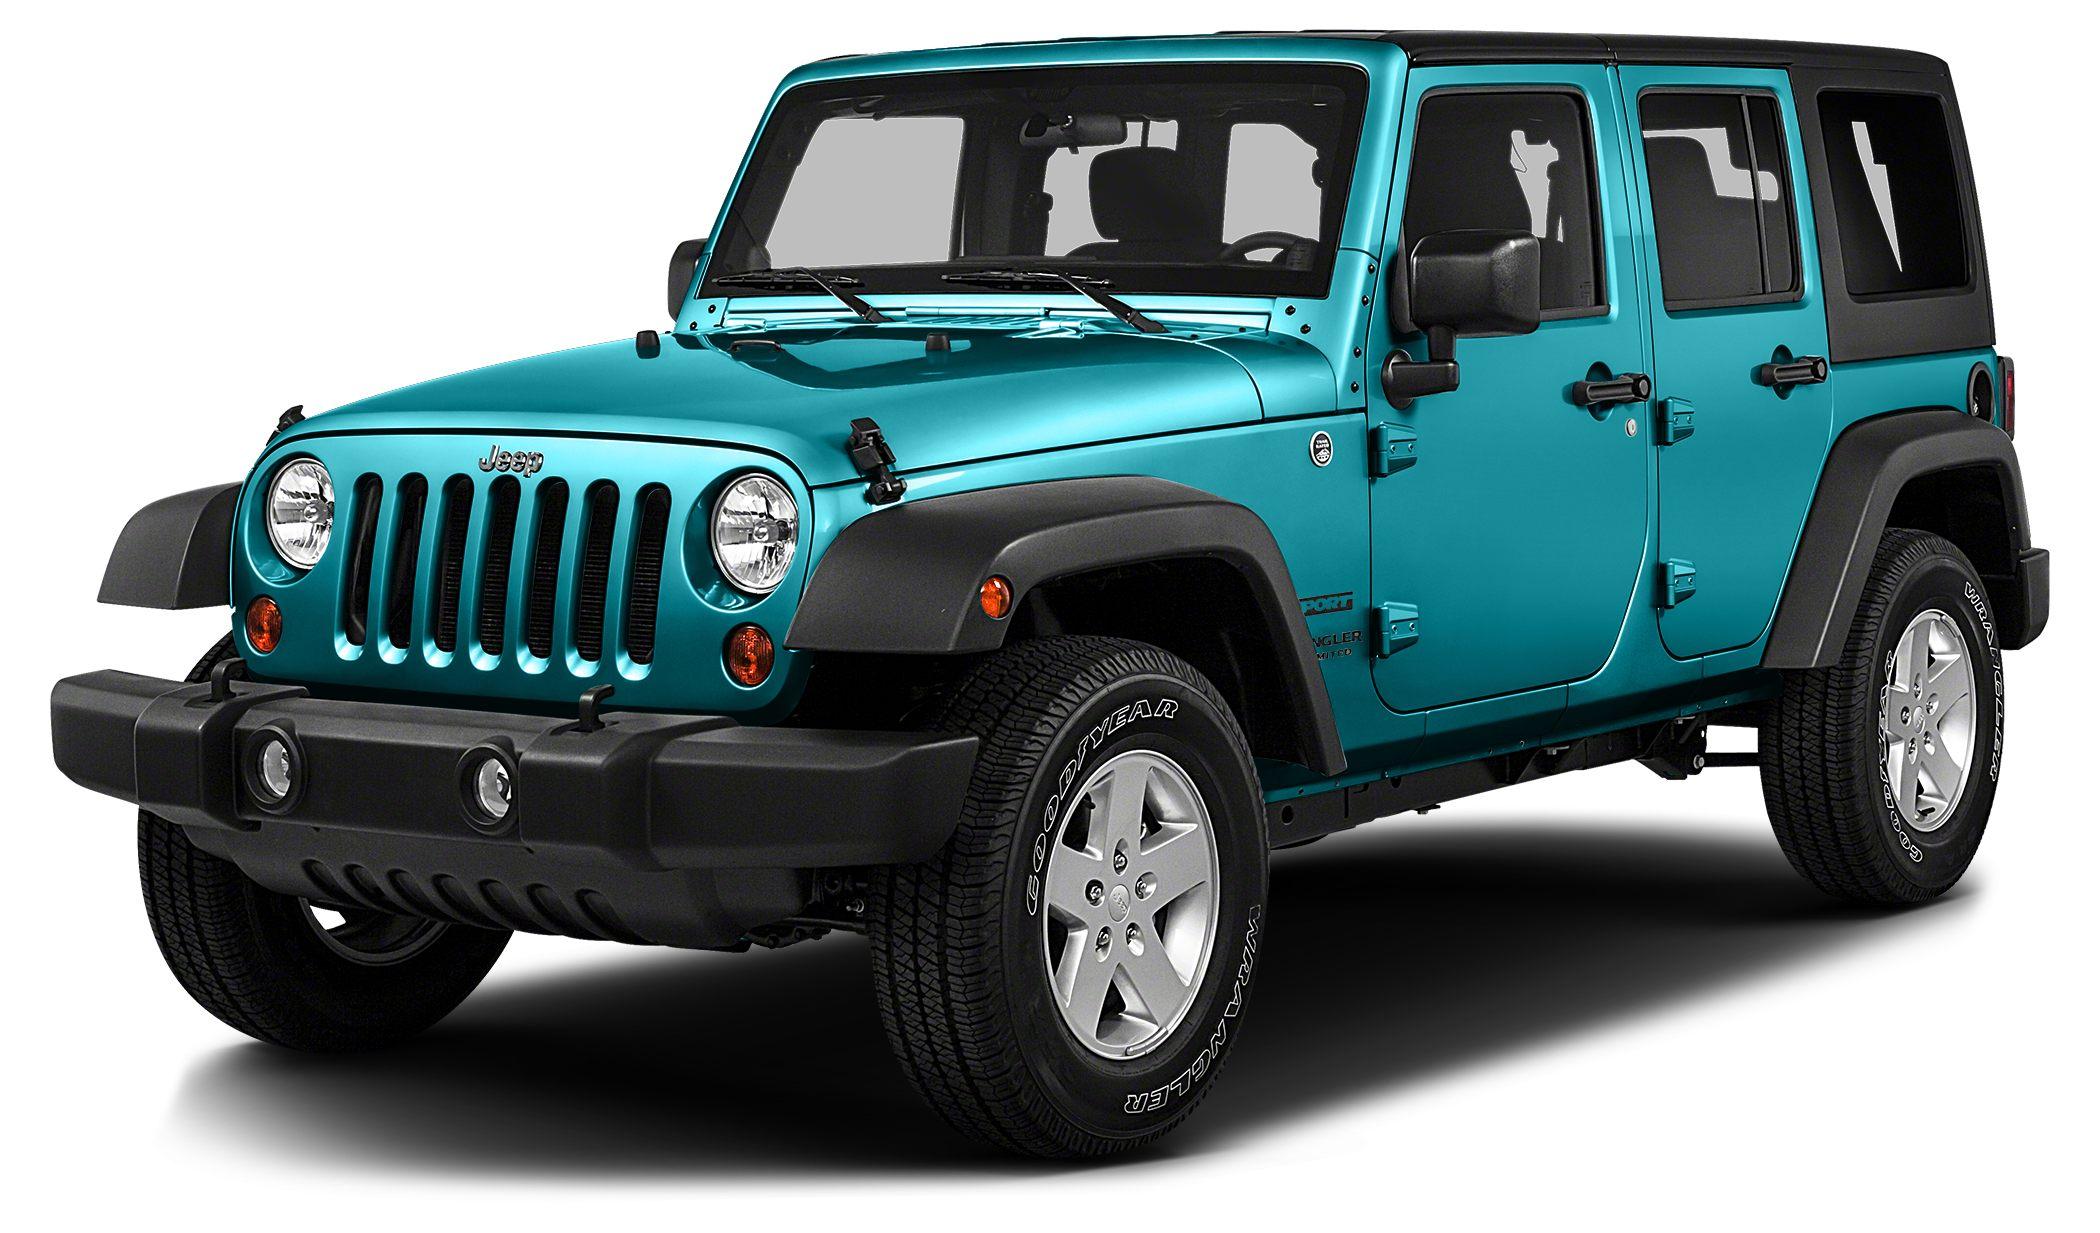 jeep rubicon essenc d 39 occasion recherche de voiture d 39 occasion le parking. Black Bedroom Furniture Sets. Home Design Ideas